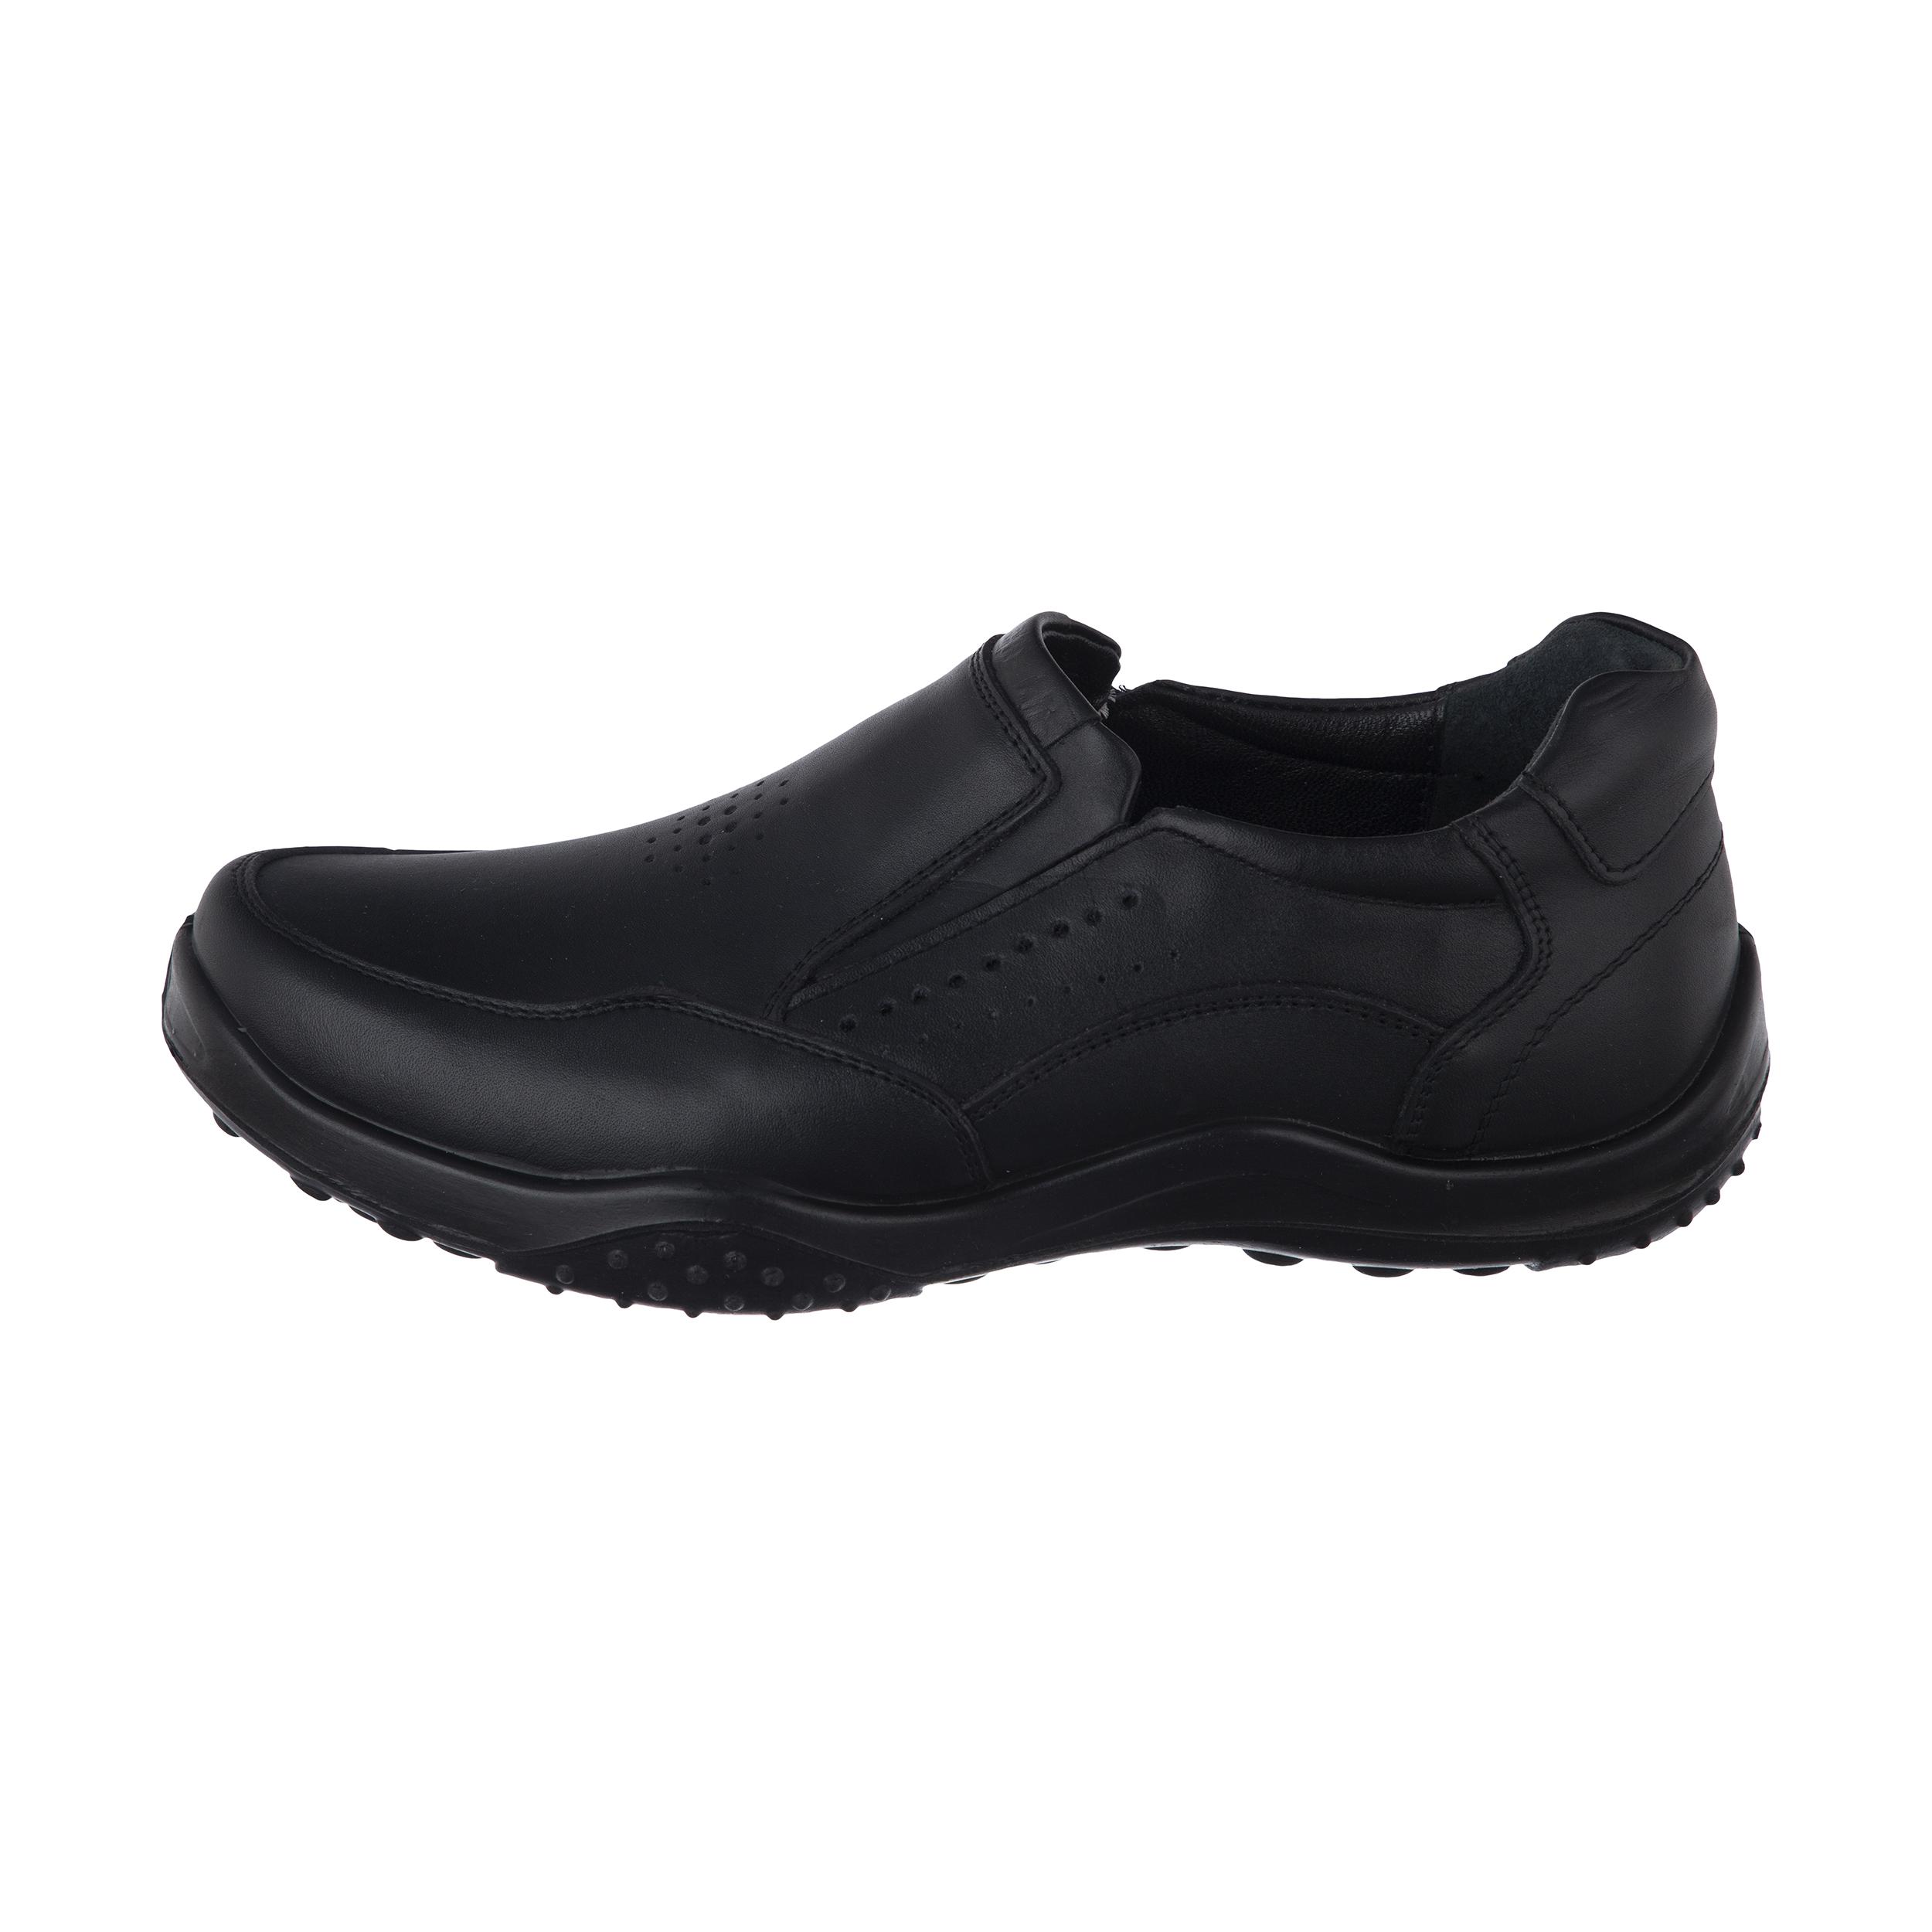 کفش روزمره مردانه ملی مدل تیماس کد 14196861